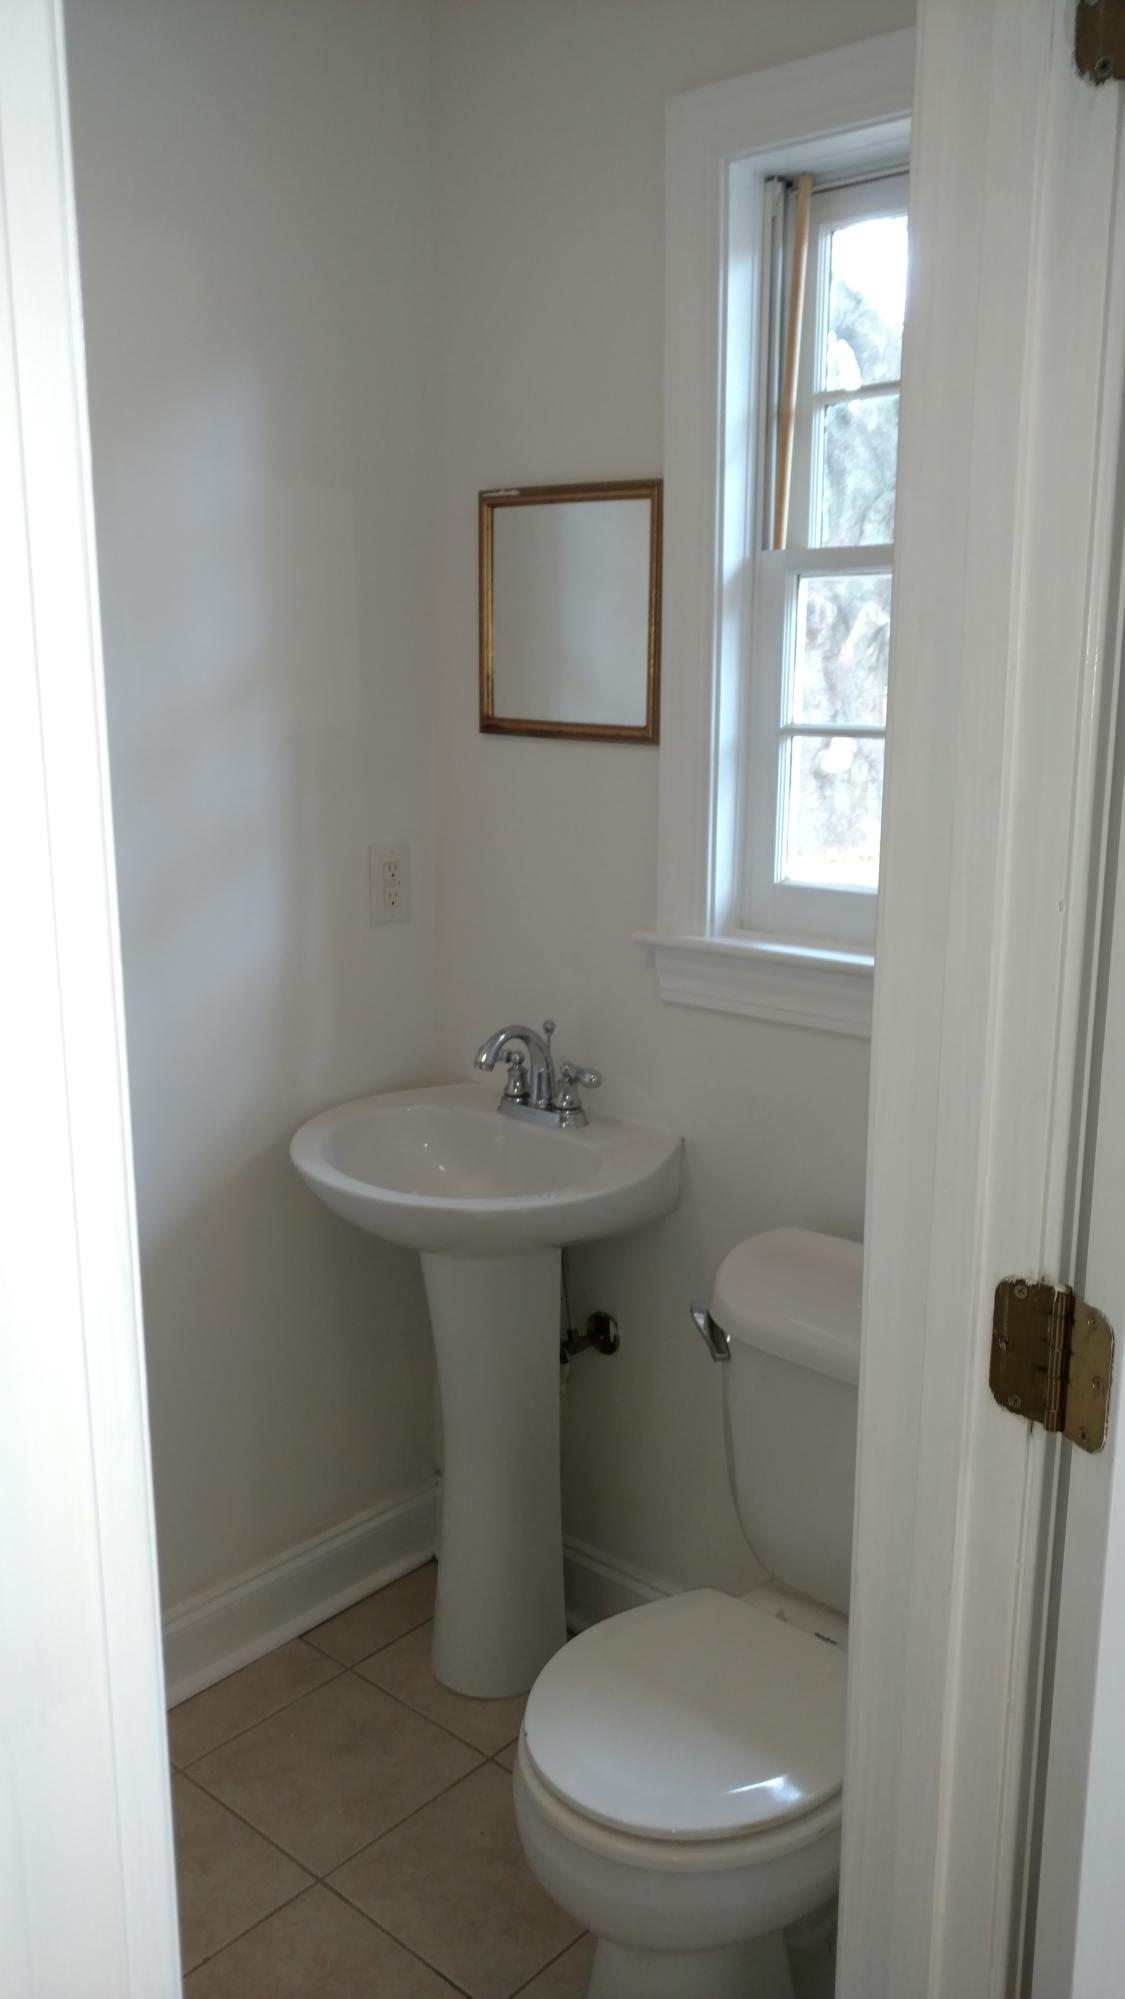 Moreland Homes For Sale - 530 St Andrews, Charleston, SC - 15